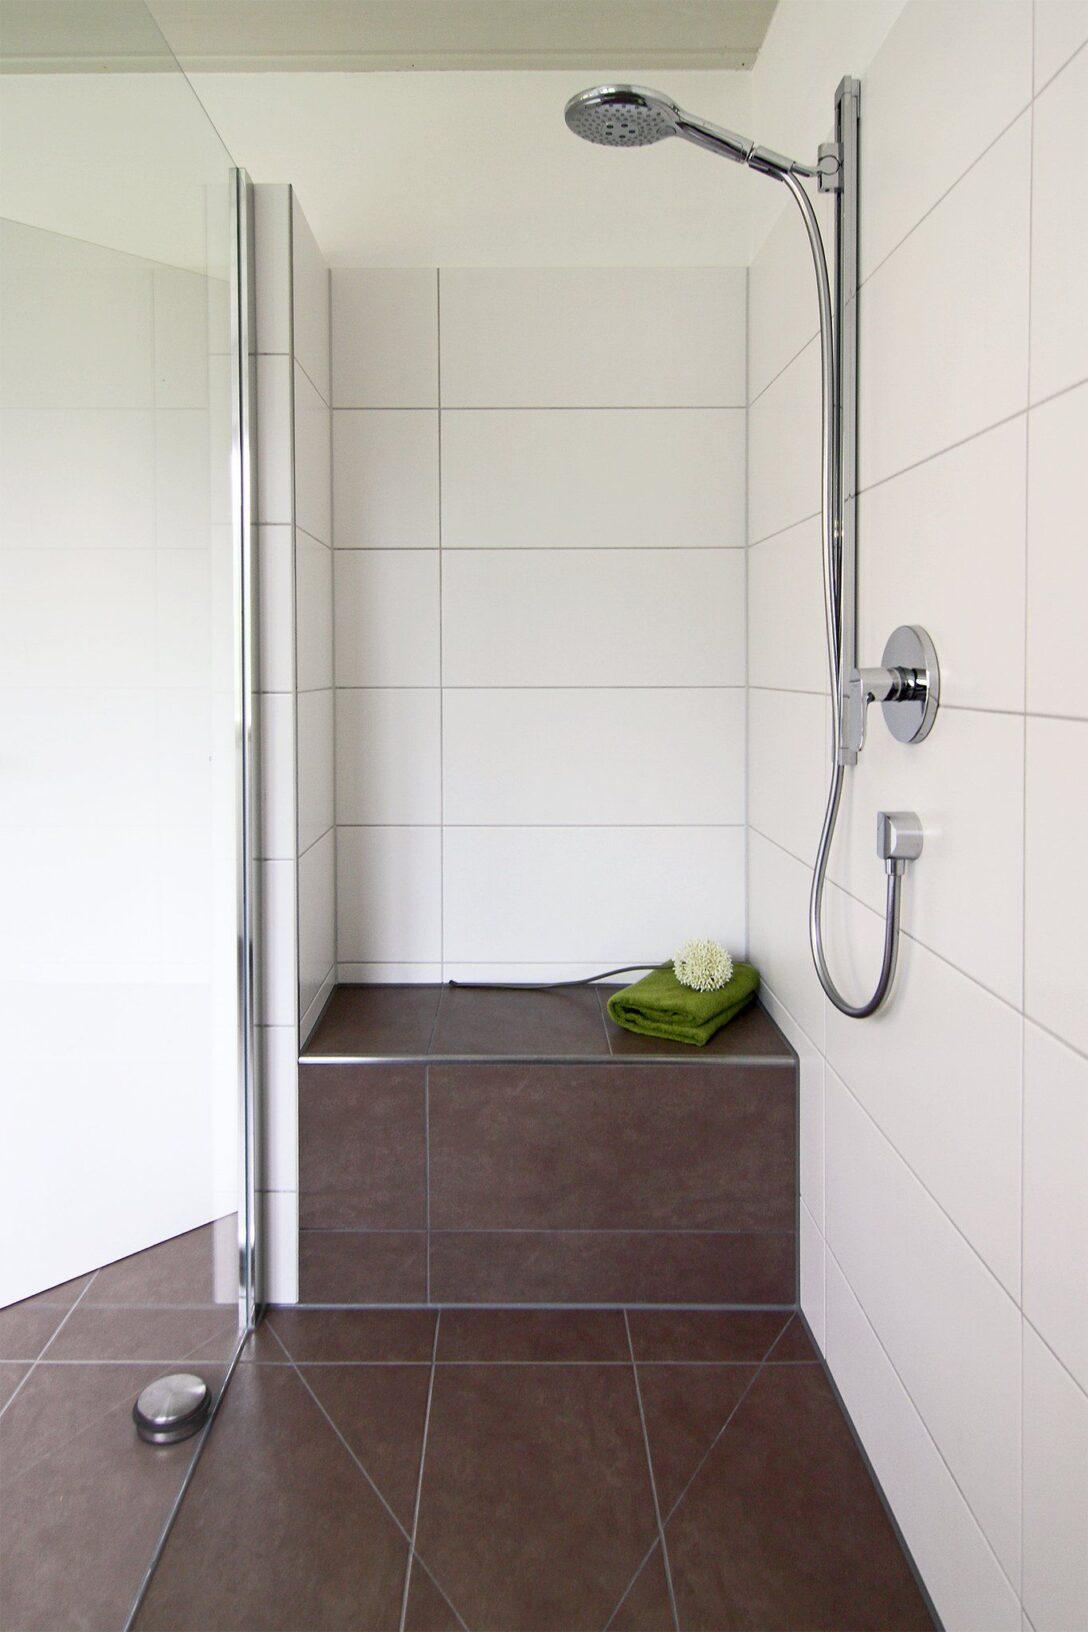 Large Size of Dusche Einbauen Bodengleiche Duschen Walkin Eckeinstieg Bodengleich Unterputz Armatur Behindertengerechte Haltegriff Wand Glaswand Abfluss 80x80 Nischentür Dusche Walkin Dusche